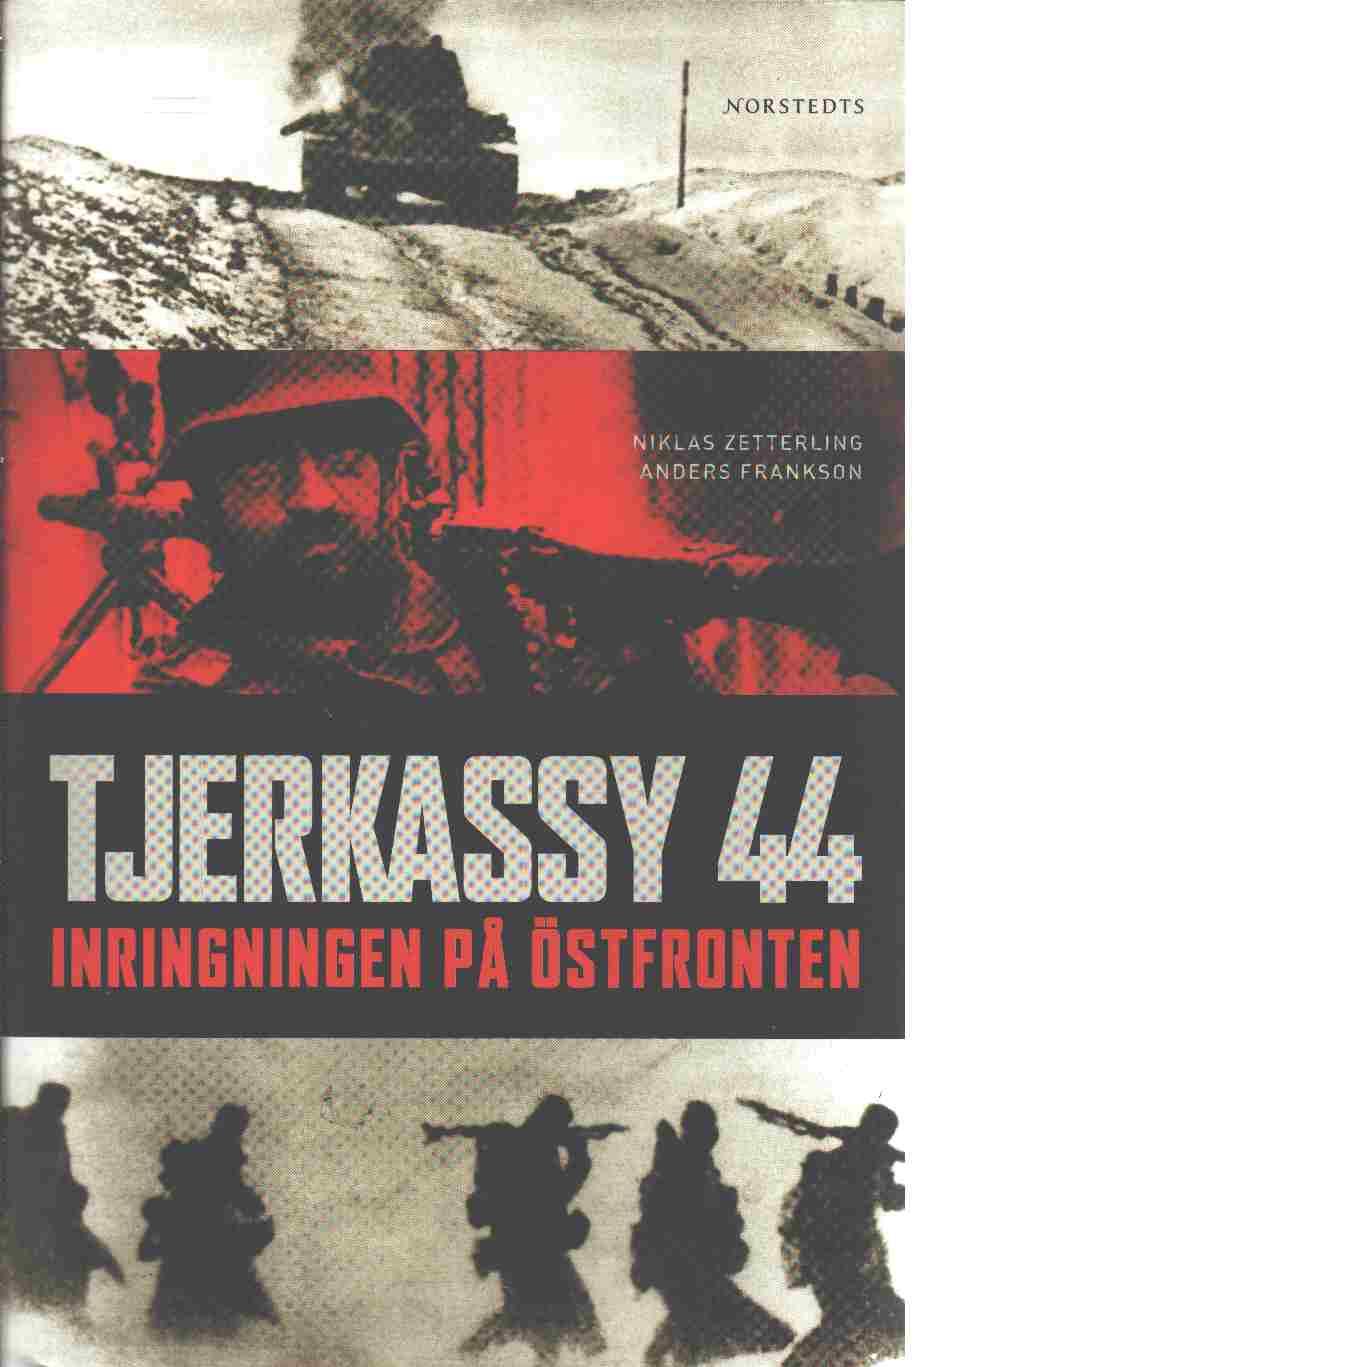 Tjerkassy 44 : inringningen på Östfronten - Zetterling, Niklas och Frankson, Anders